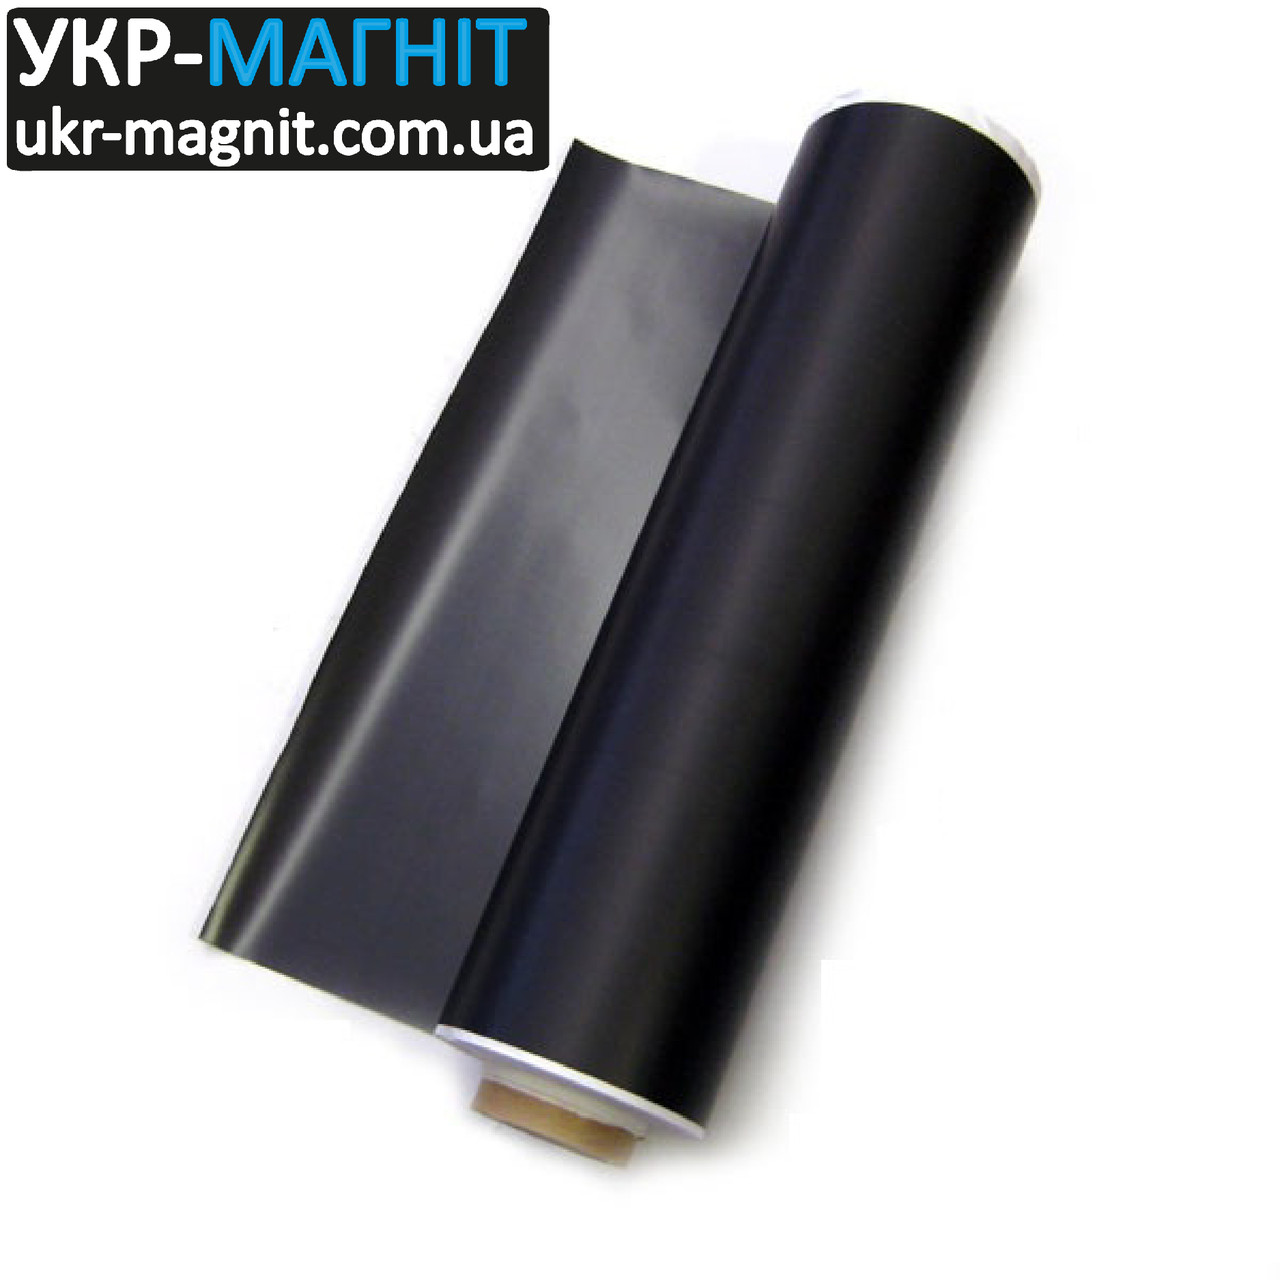 Магнитный винил 2,0мм без клеевого слоя (0,62м х 15м)